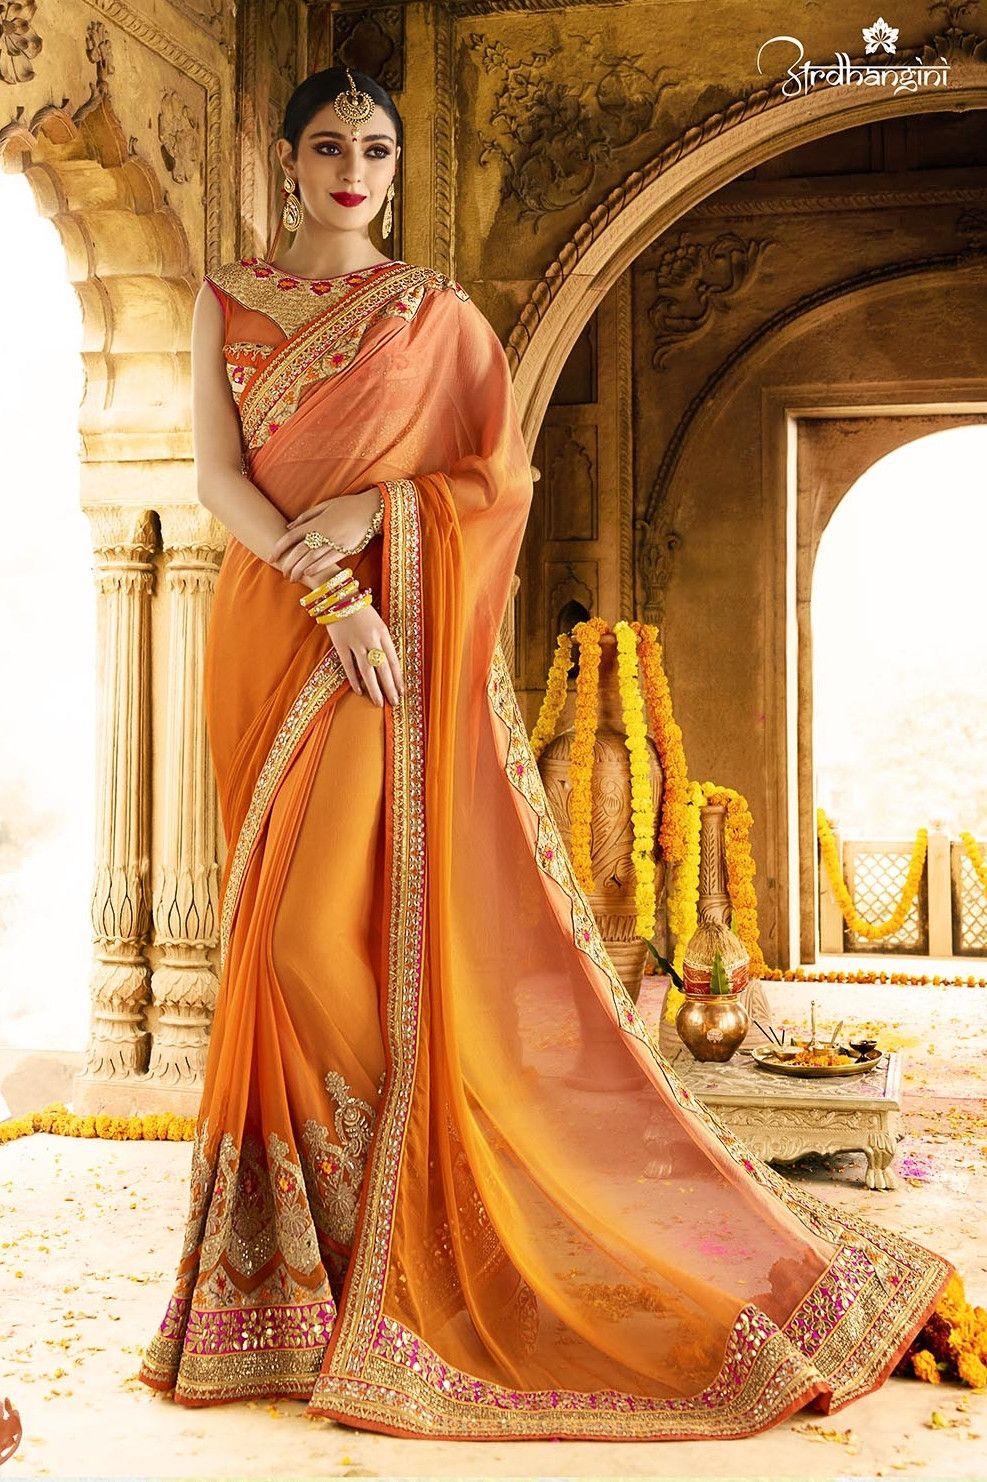 Saree for women wedding ardhangini saree   saree indian dresses and fashion women